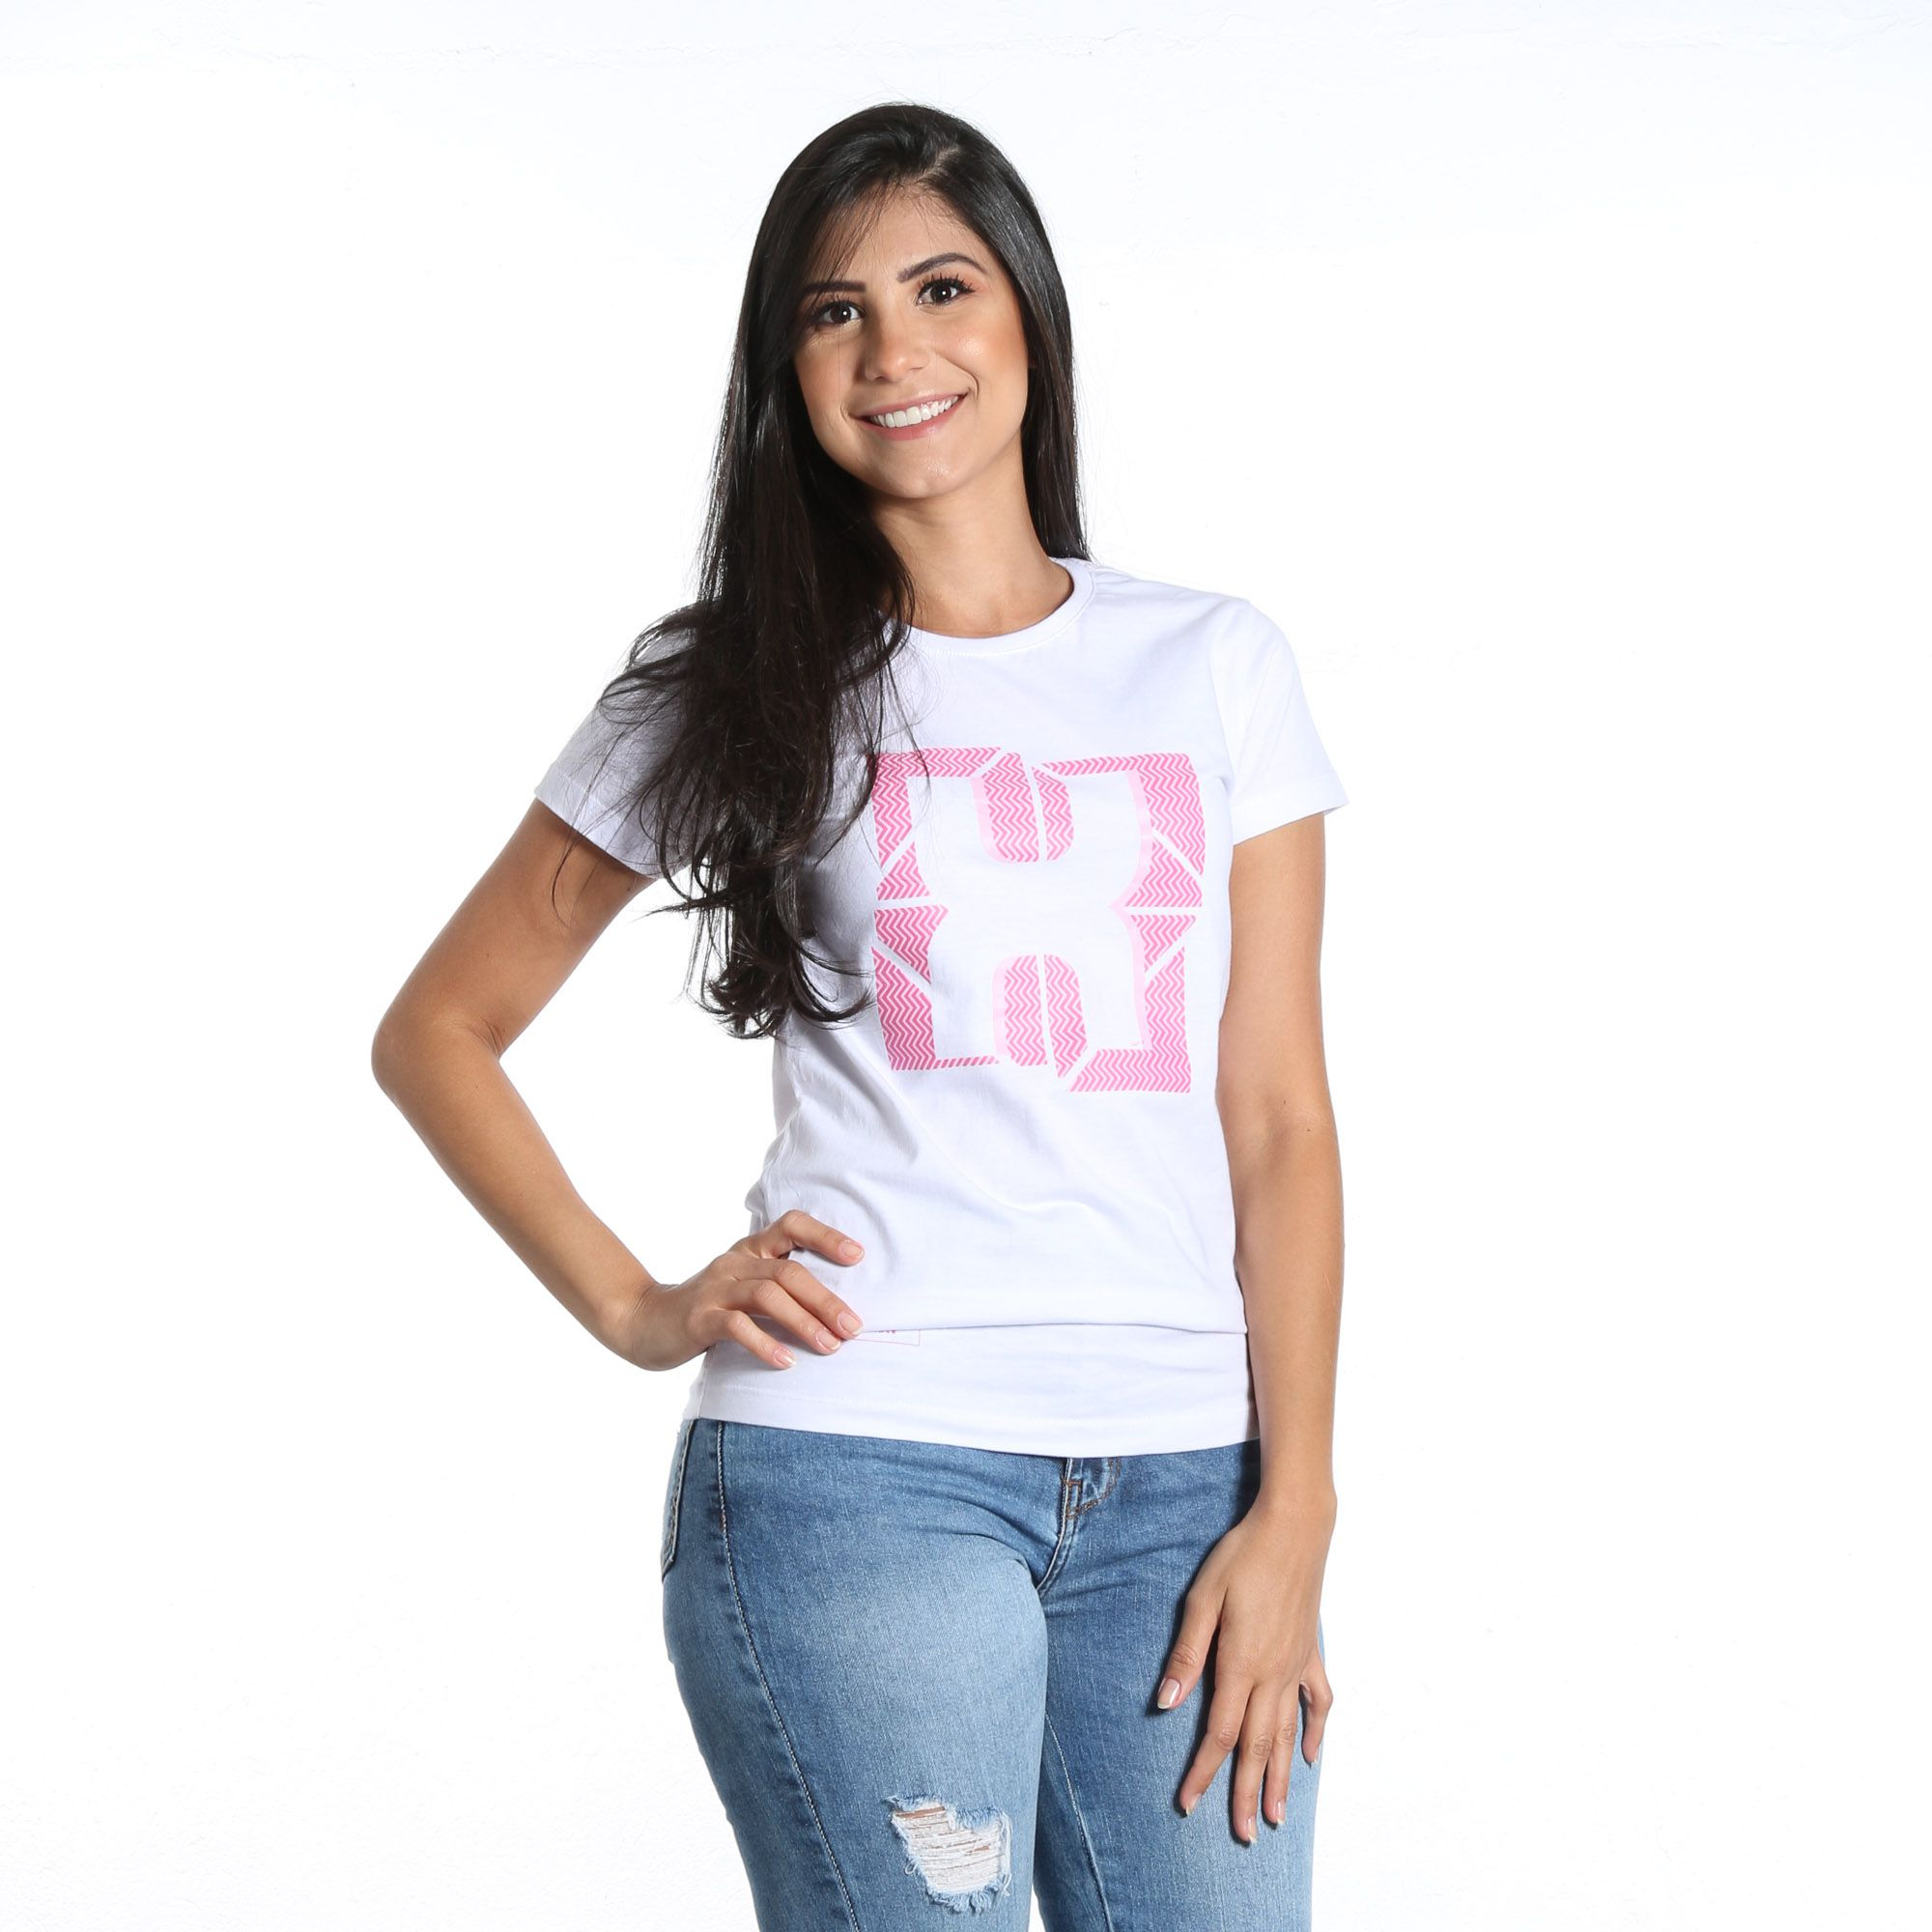 Camiseta Feminina TXC 4325